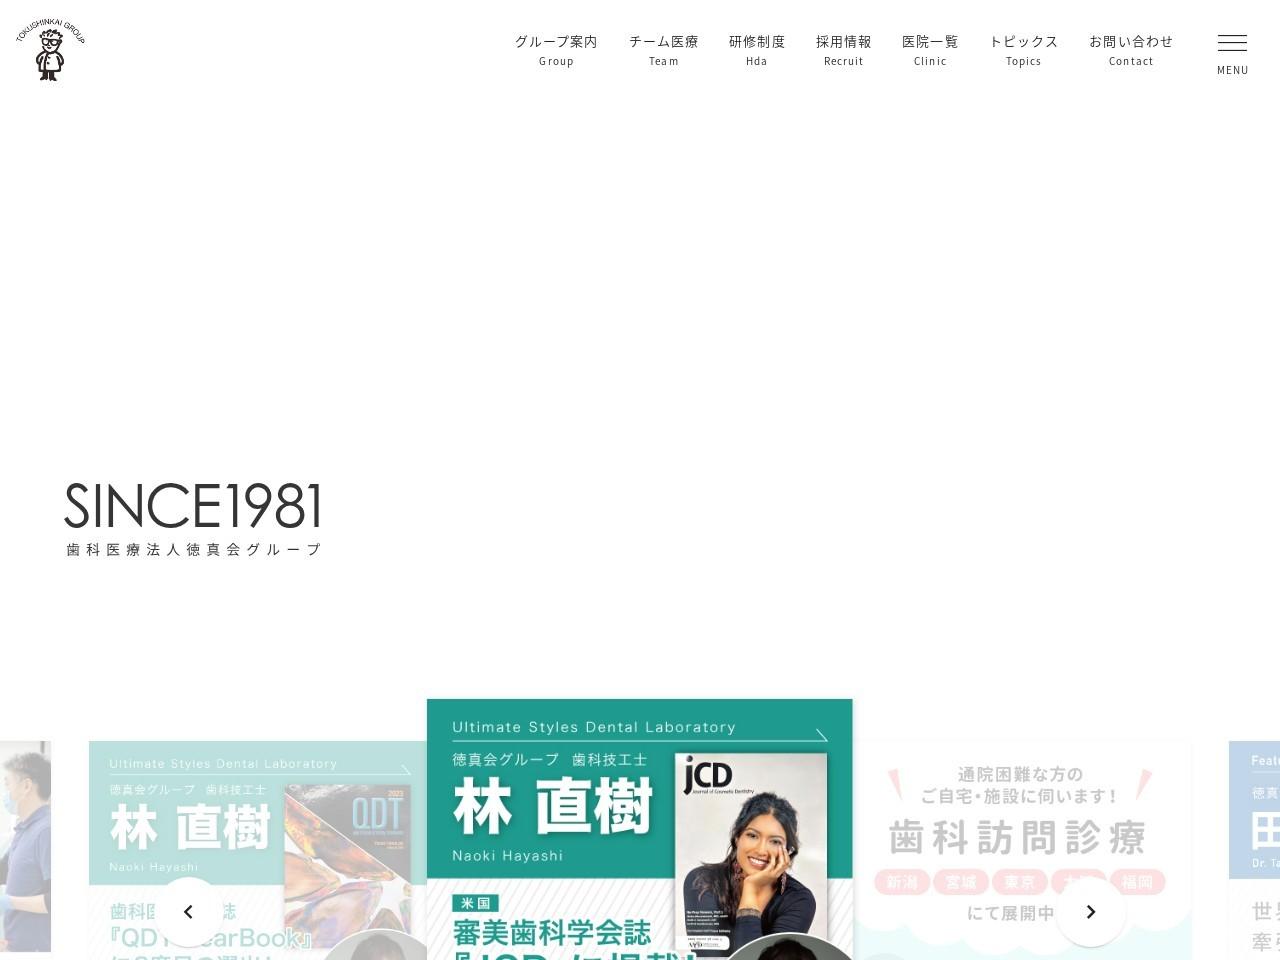 医療法人徳真会グループ  江坂第二歯科 (大阪府吹田市)